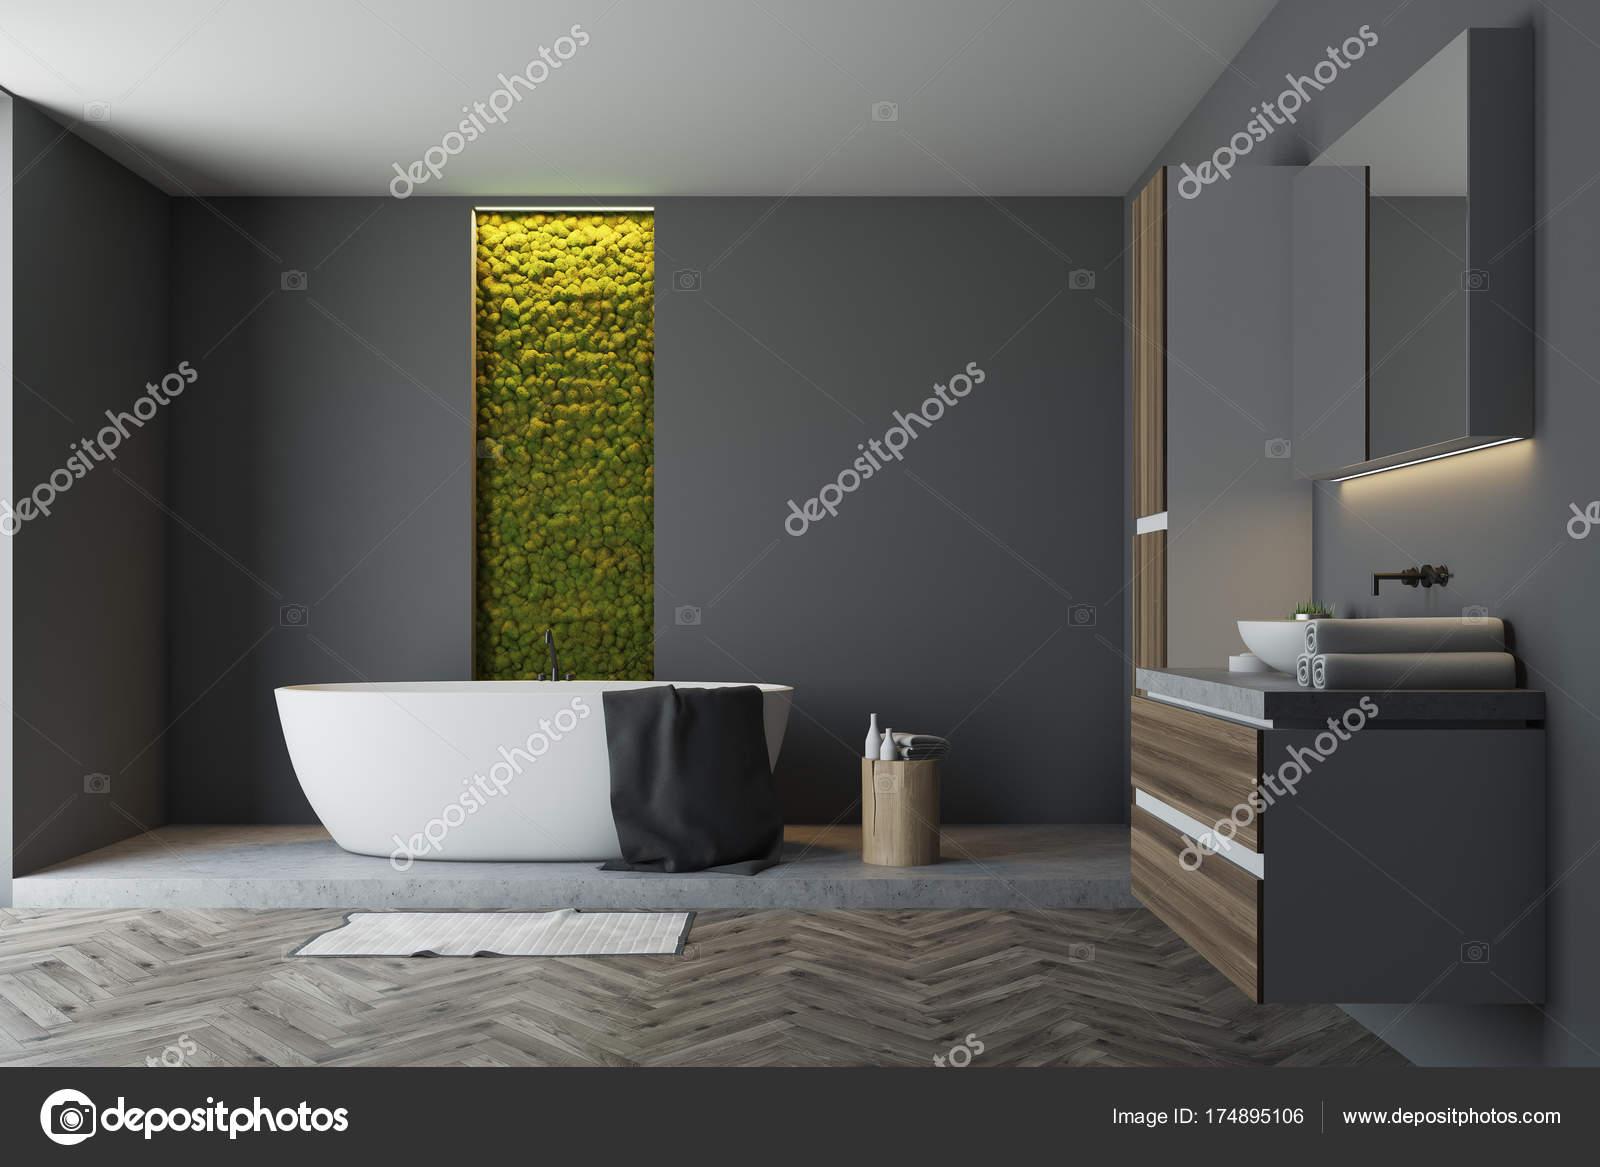 Mur de salle de bain gris, vert — Photographie denisismagilov ...